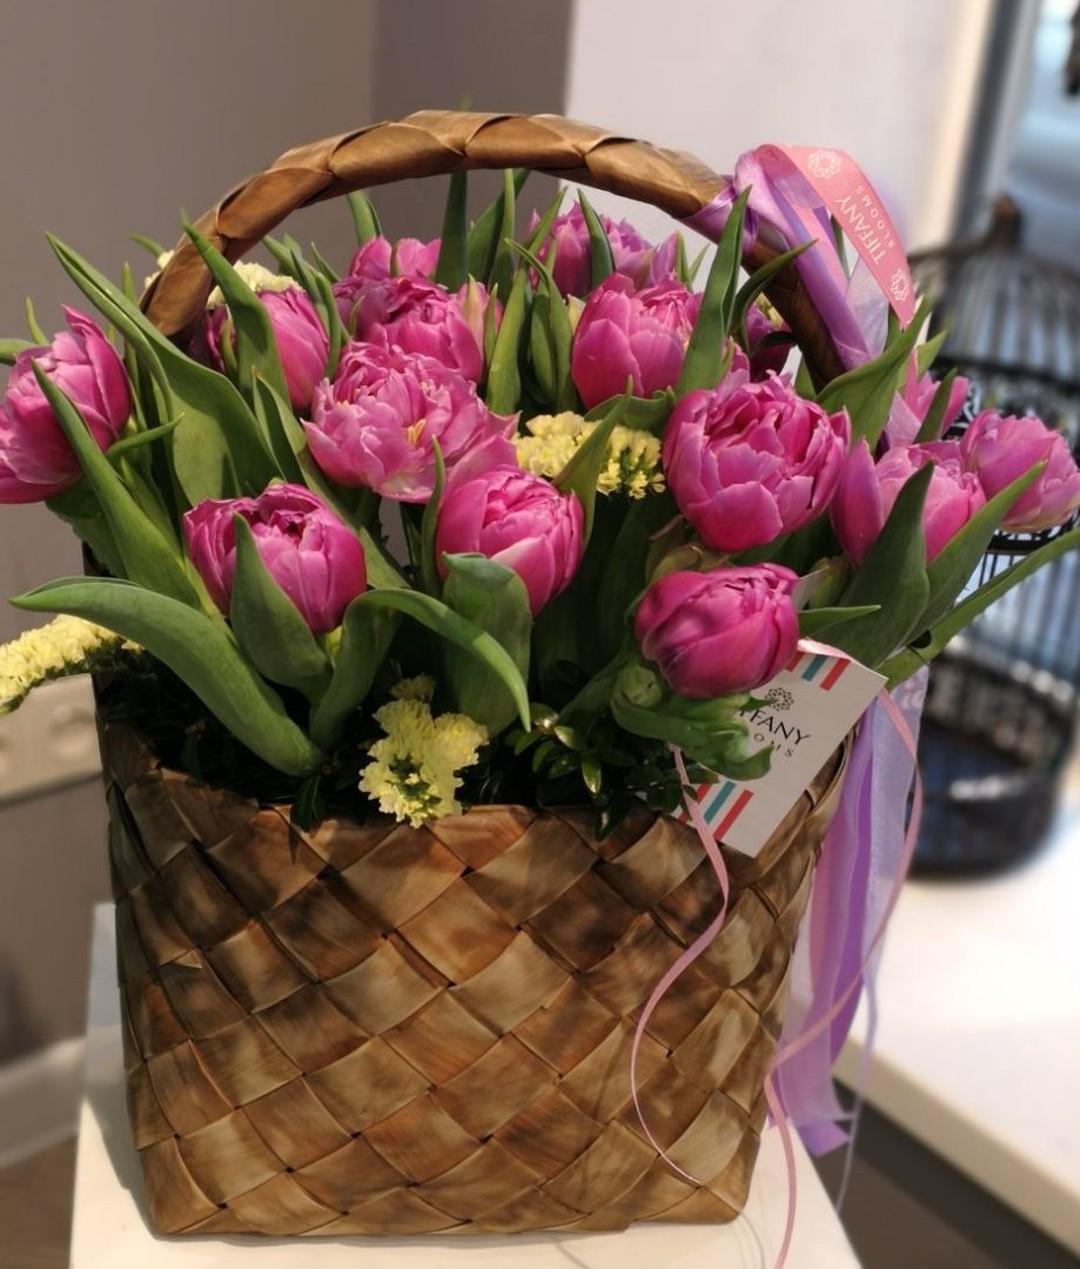 Душа просит весны и тюльпанов, а на улице зима ⛄. Так вот сегодня мы собрали немного весны в корзинку. . Звоните +79000001133 Рашпилевская 28 Работаем с 8:00 до 20:00 tiffanyblooms.ru #цветыкрд #доставкацветовкраснодар #доставкабукетовкраснодар #букетвшляпнойкоробке